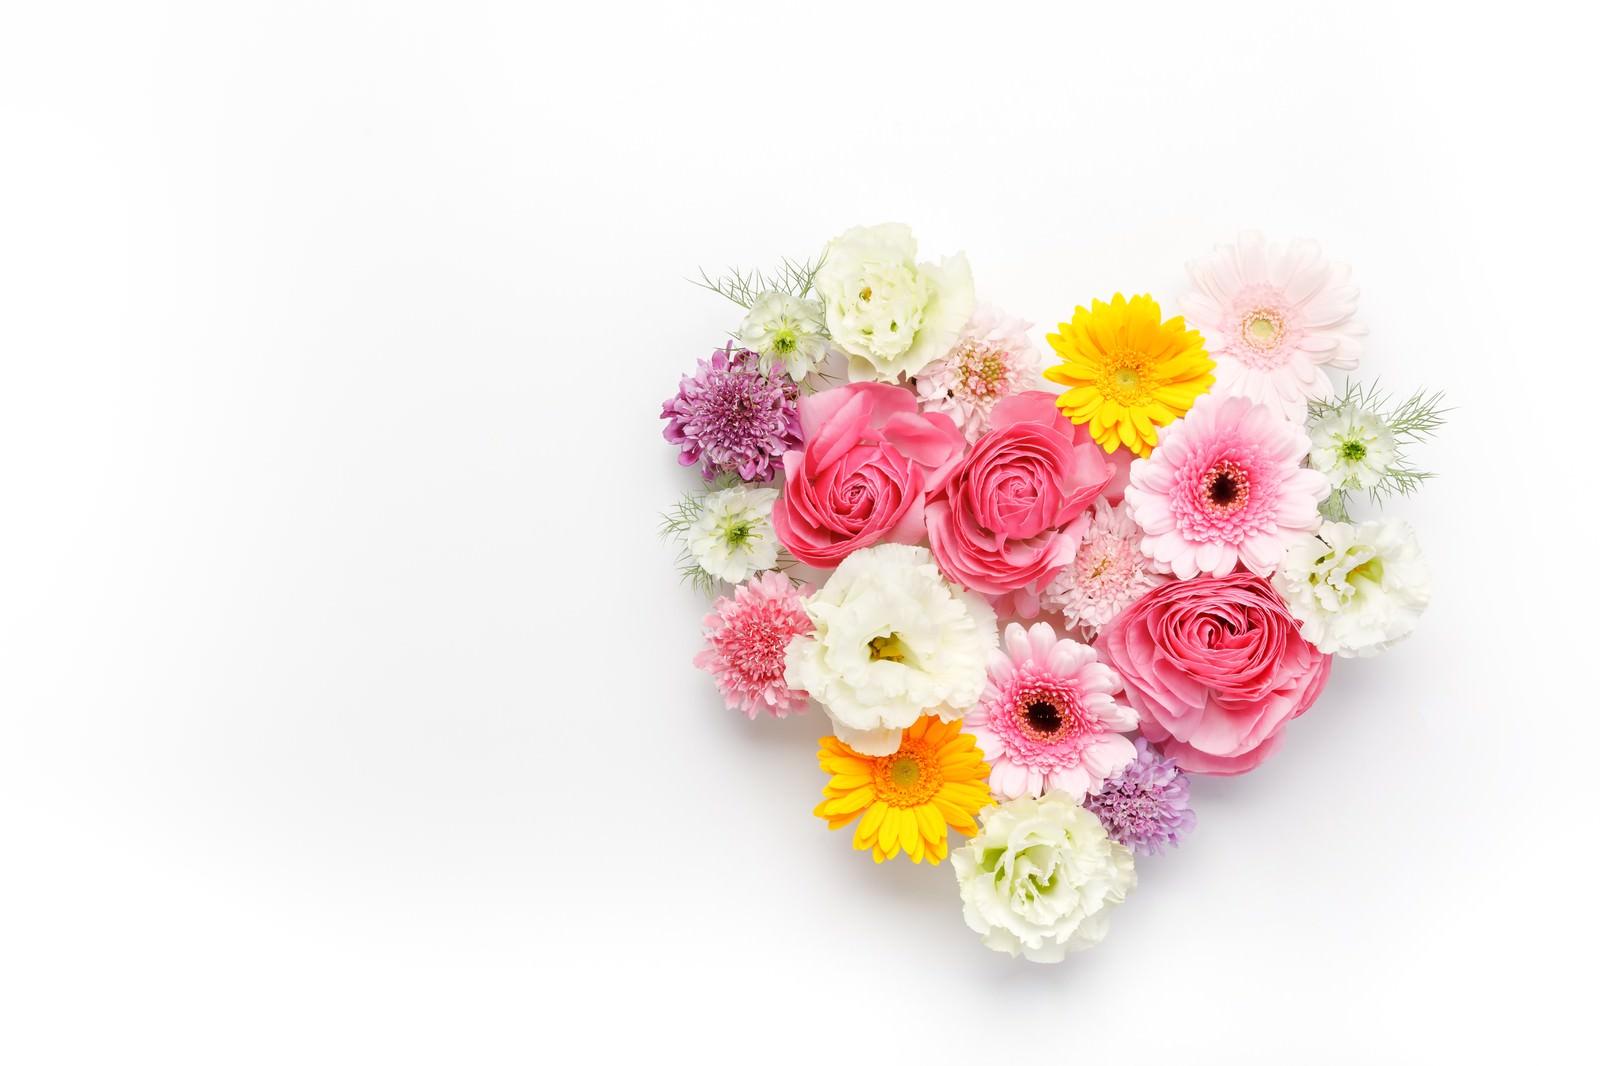 「ハート型の花で愛情表現」の写真